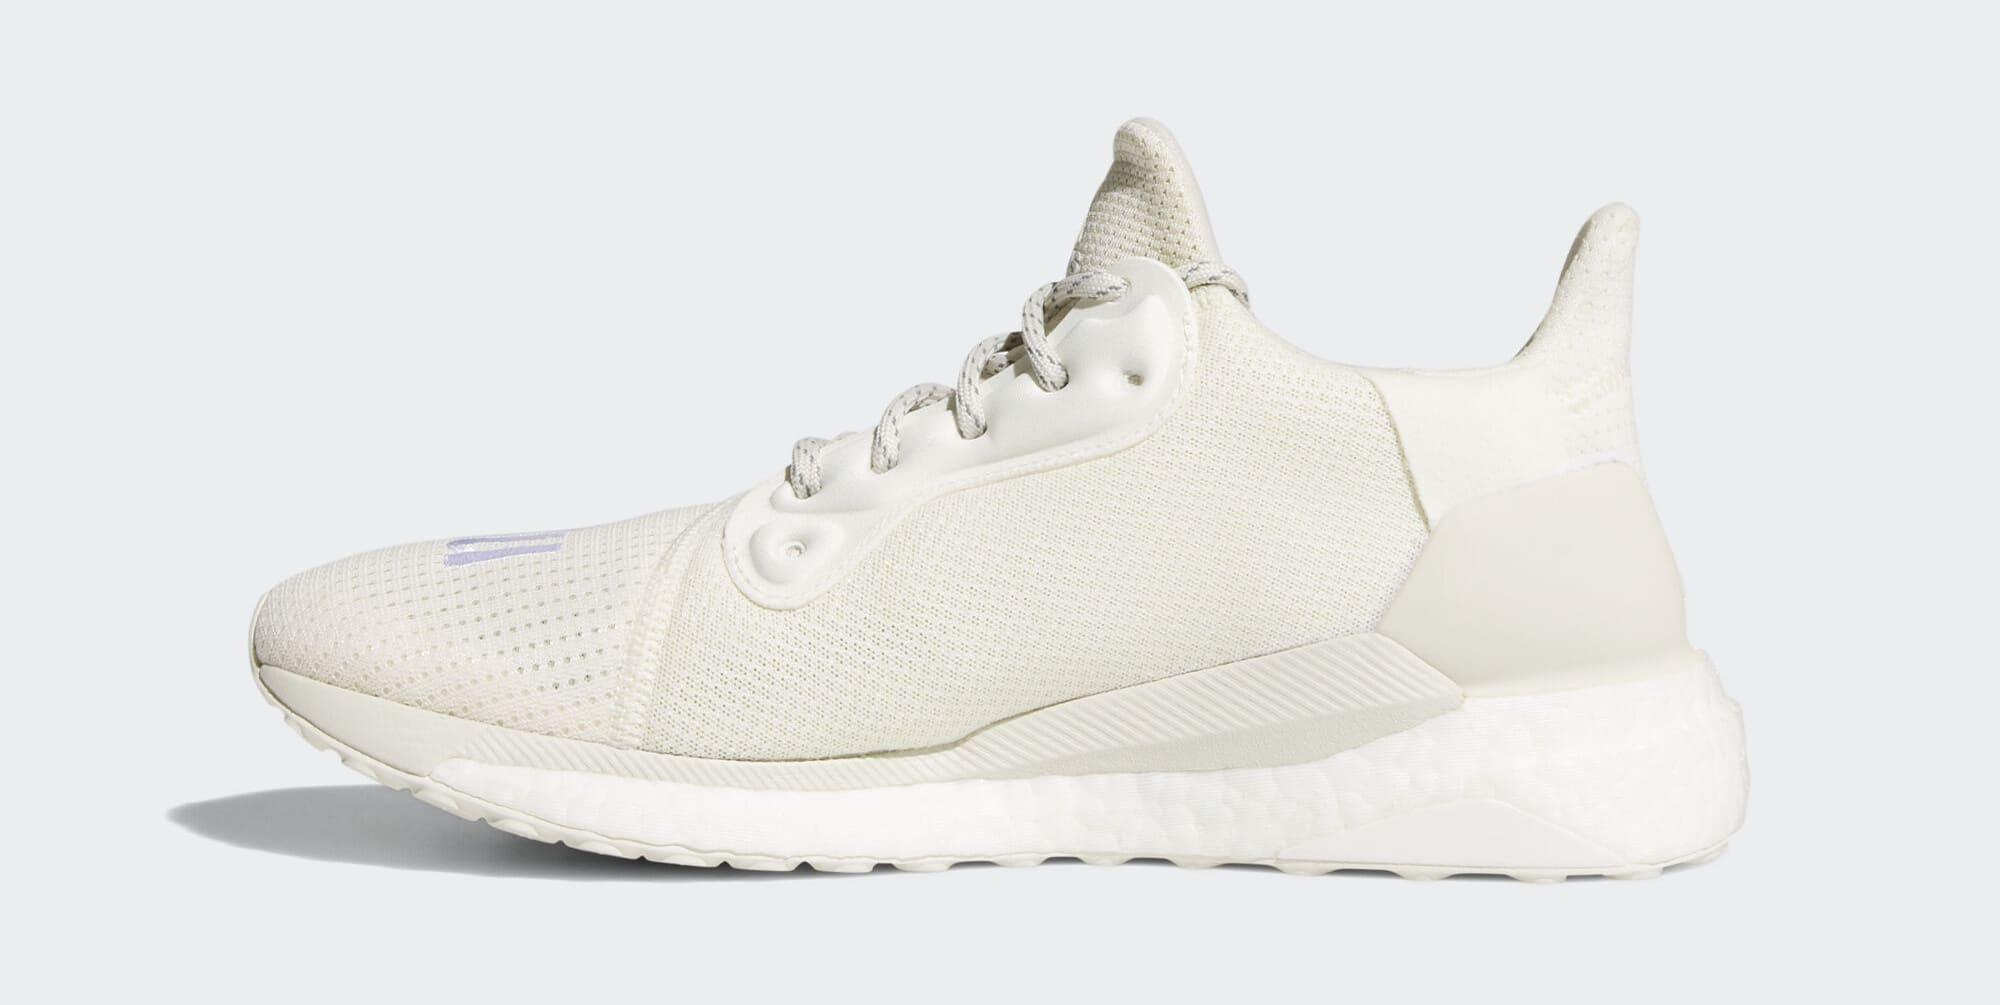 Pharrell x Adidas Solar Hu Glide EG7767 (Medial)